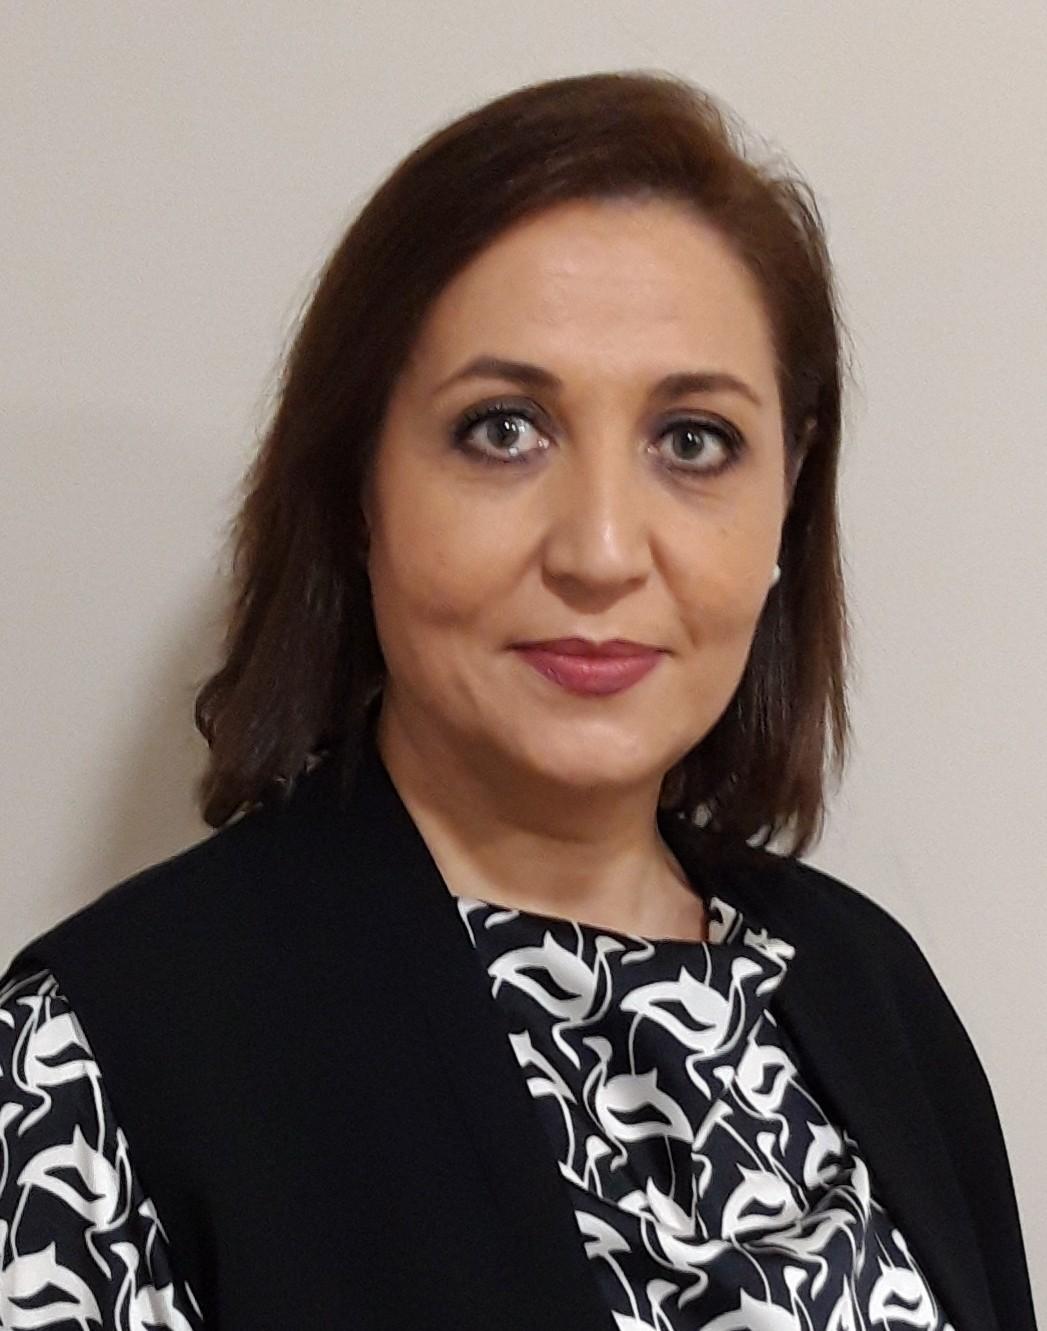 Almudena Suárez Redondo